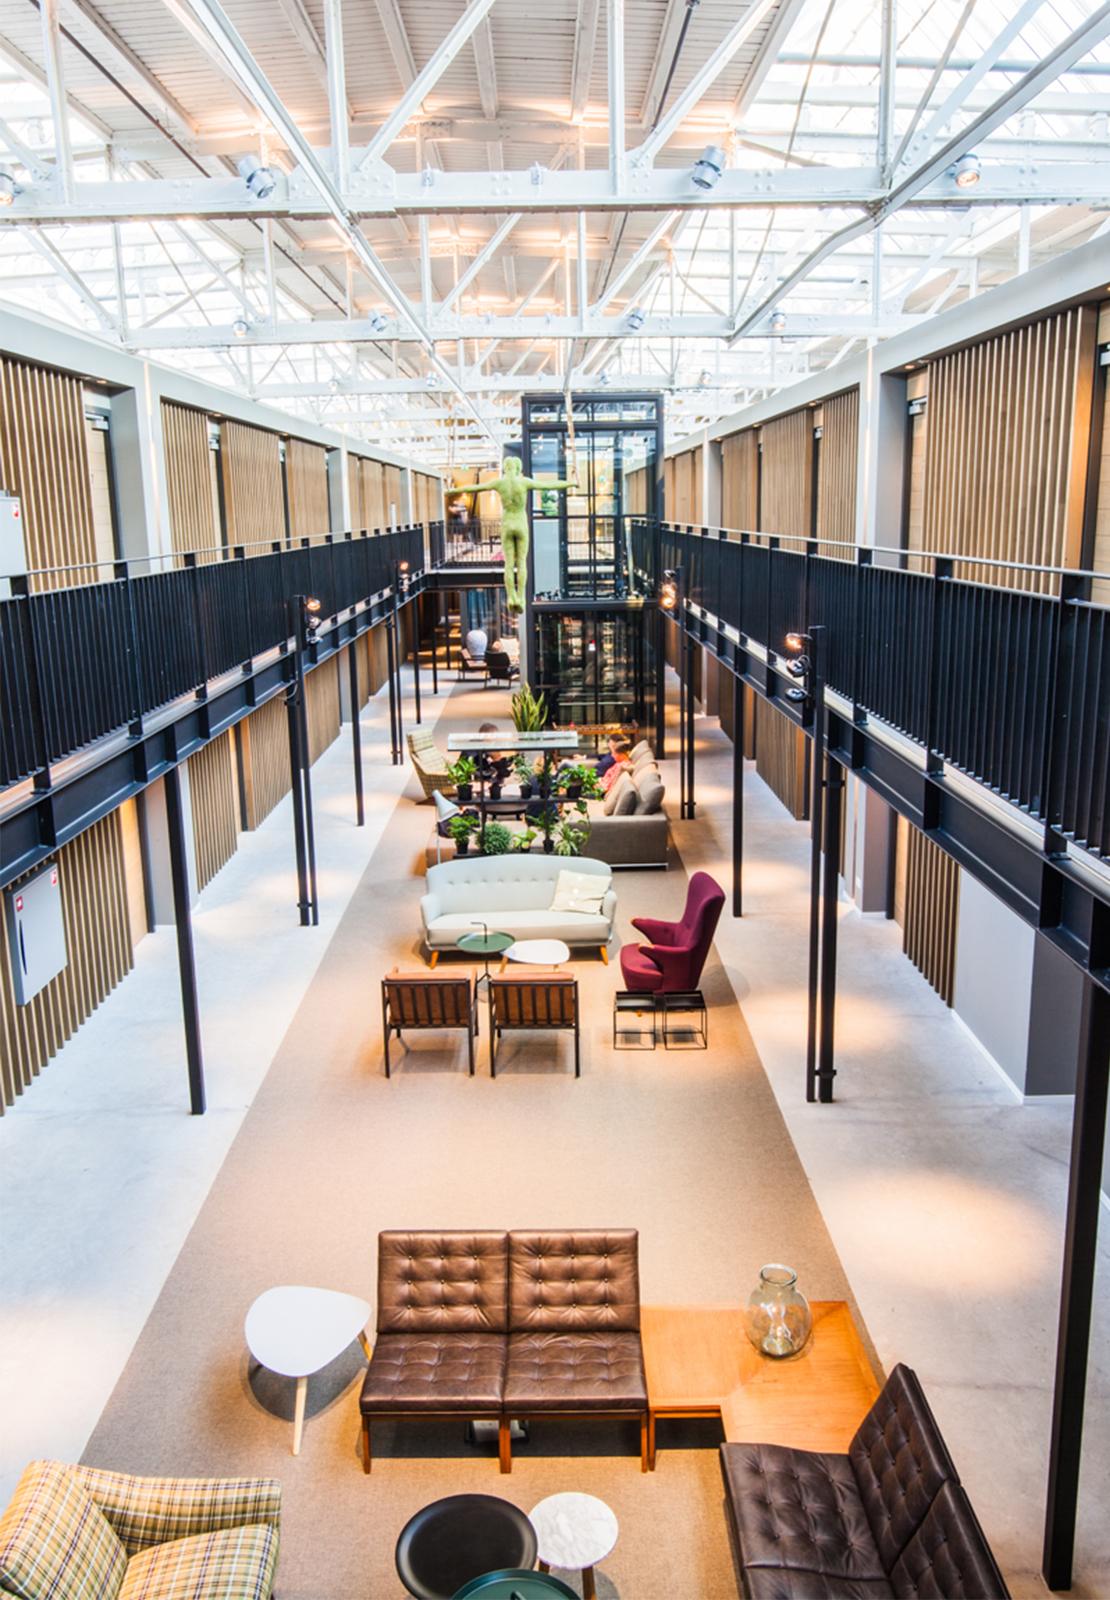 10_hotel-de-hallen_amsterdam_arjen_